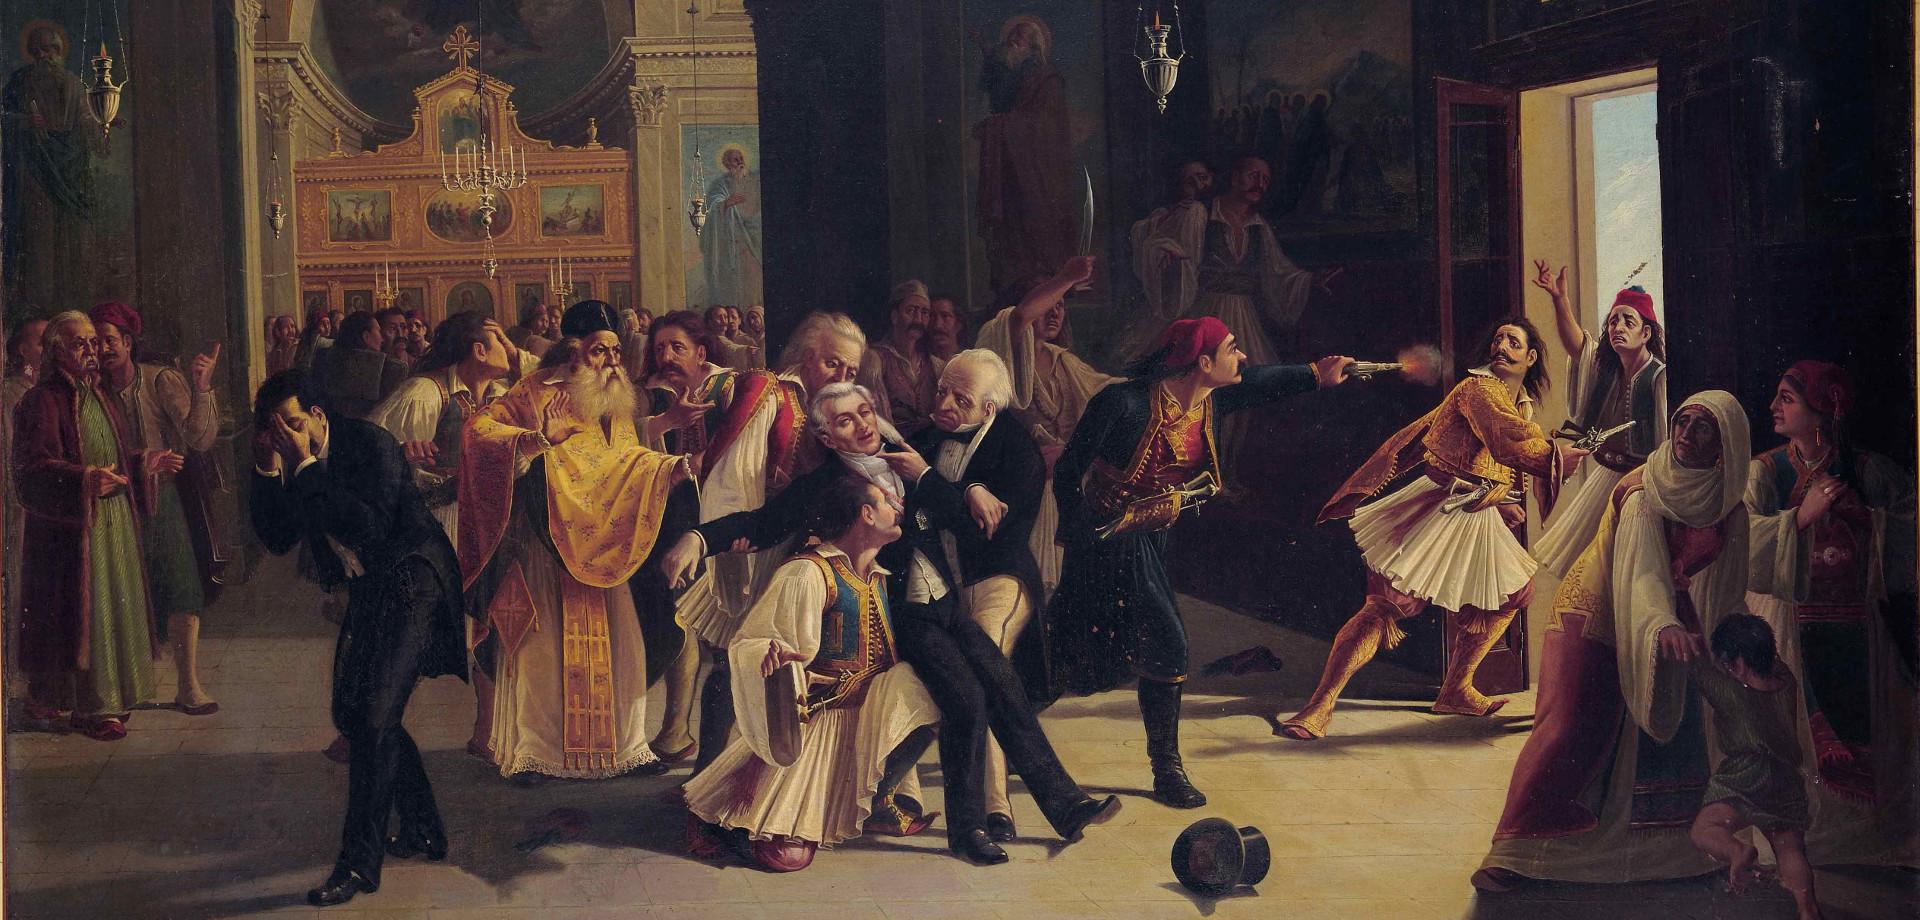 Δολοφονία του Καποδίστρια